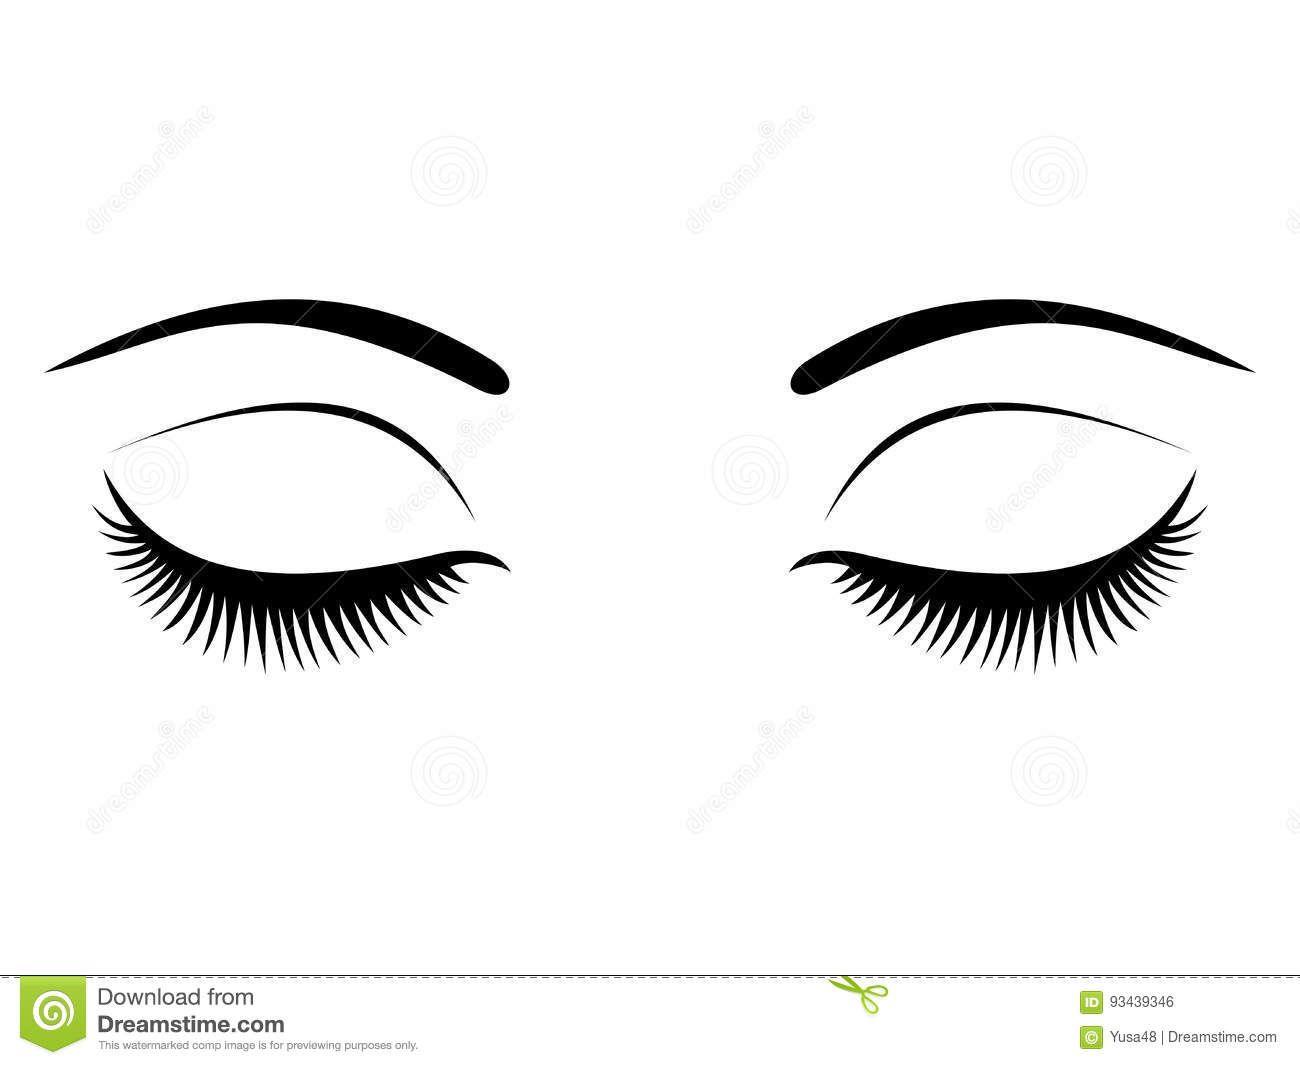 Closed Eyes With Black Eyelashes On A White Background